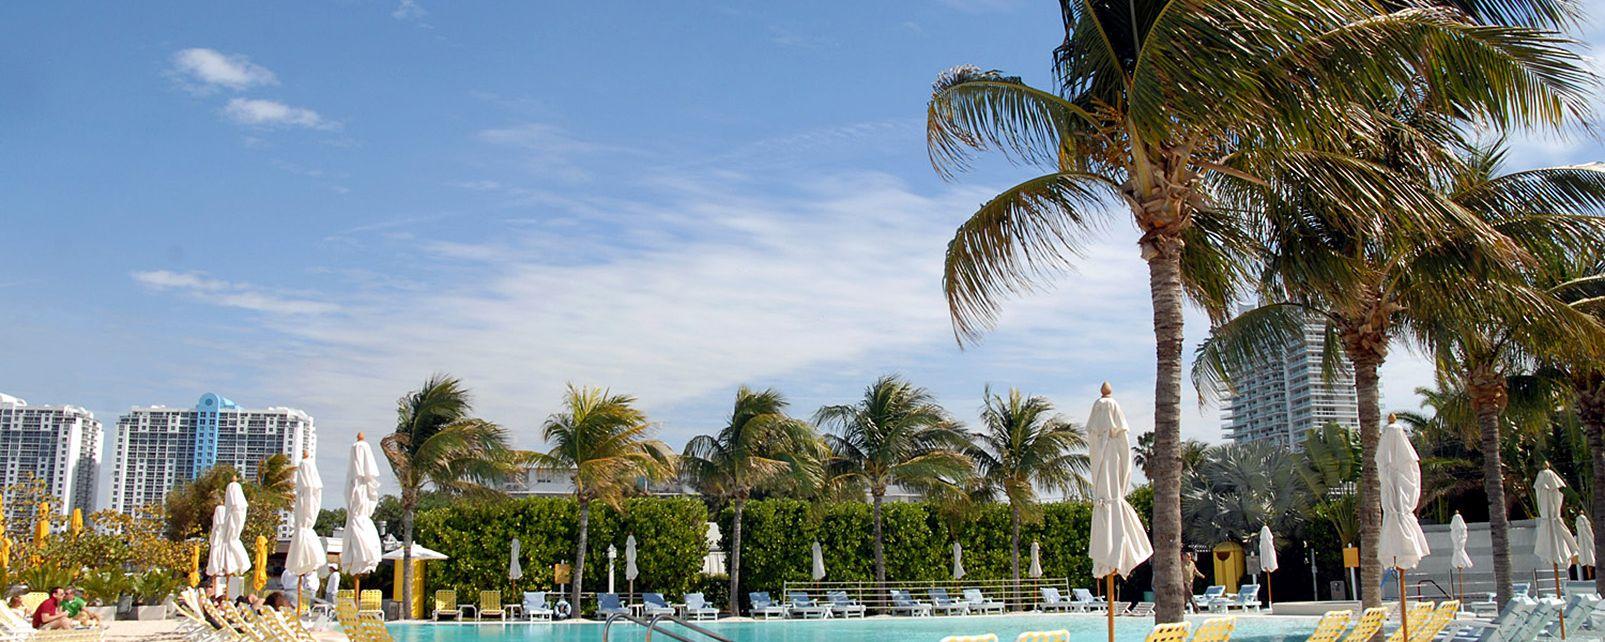 Hotel The Standard Miami Beach